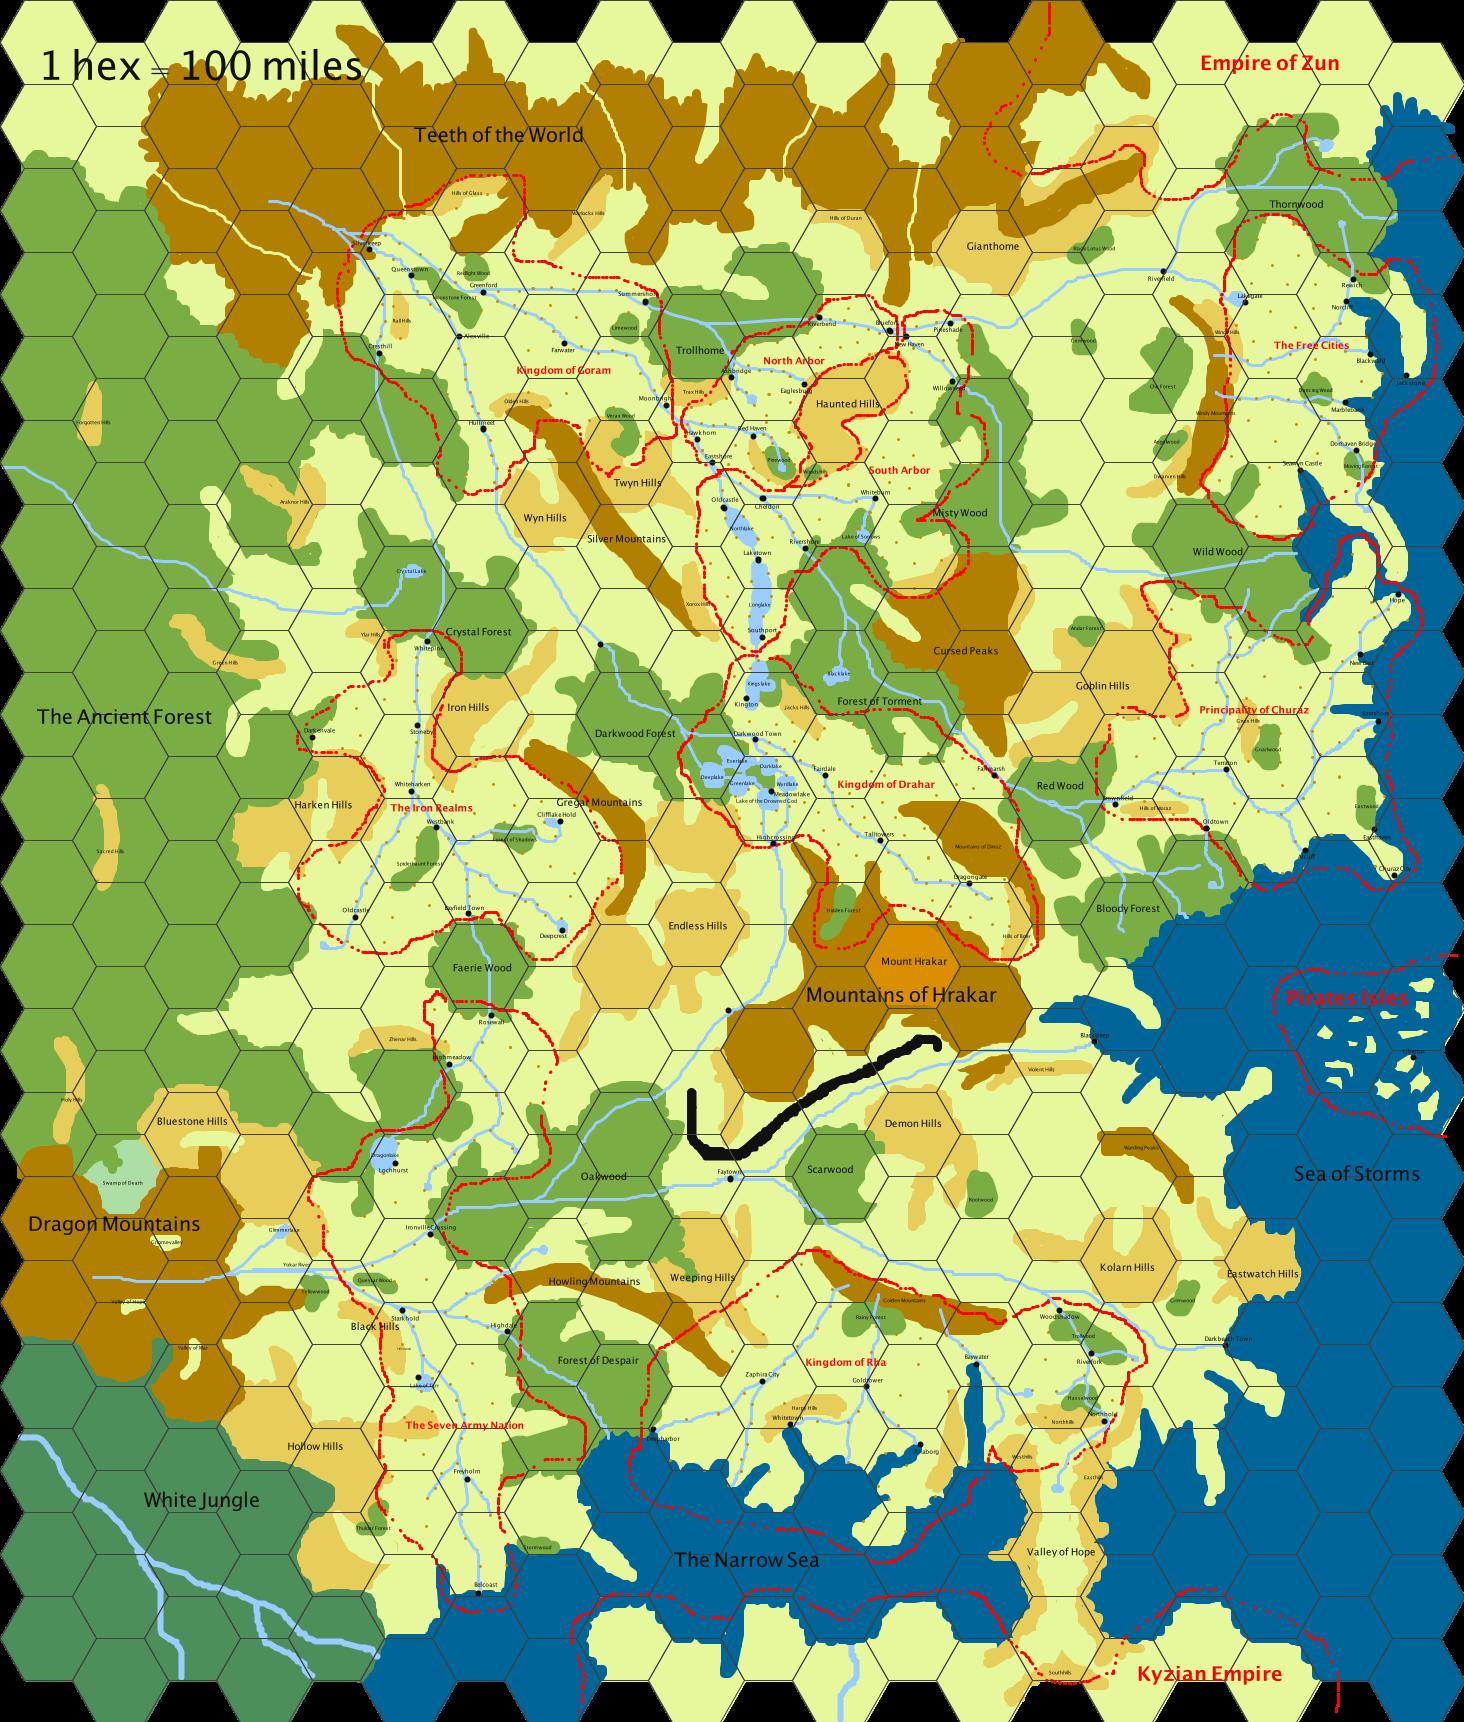 The cursed lands v2